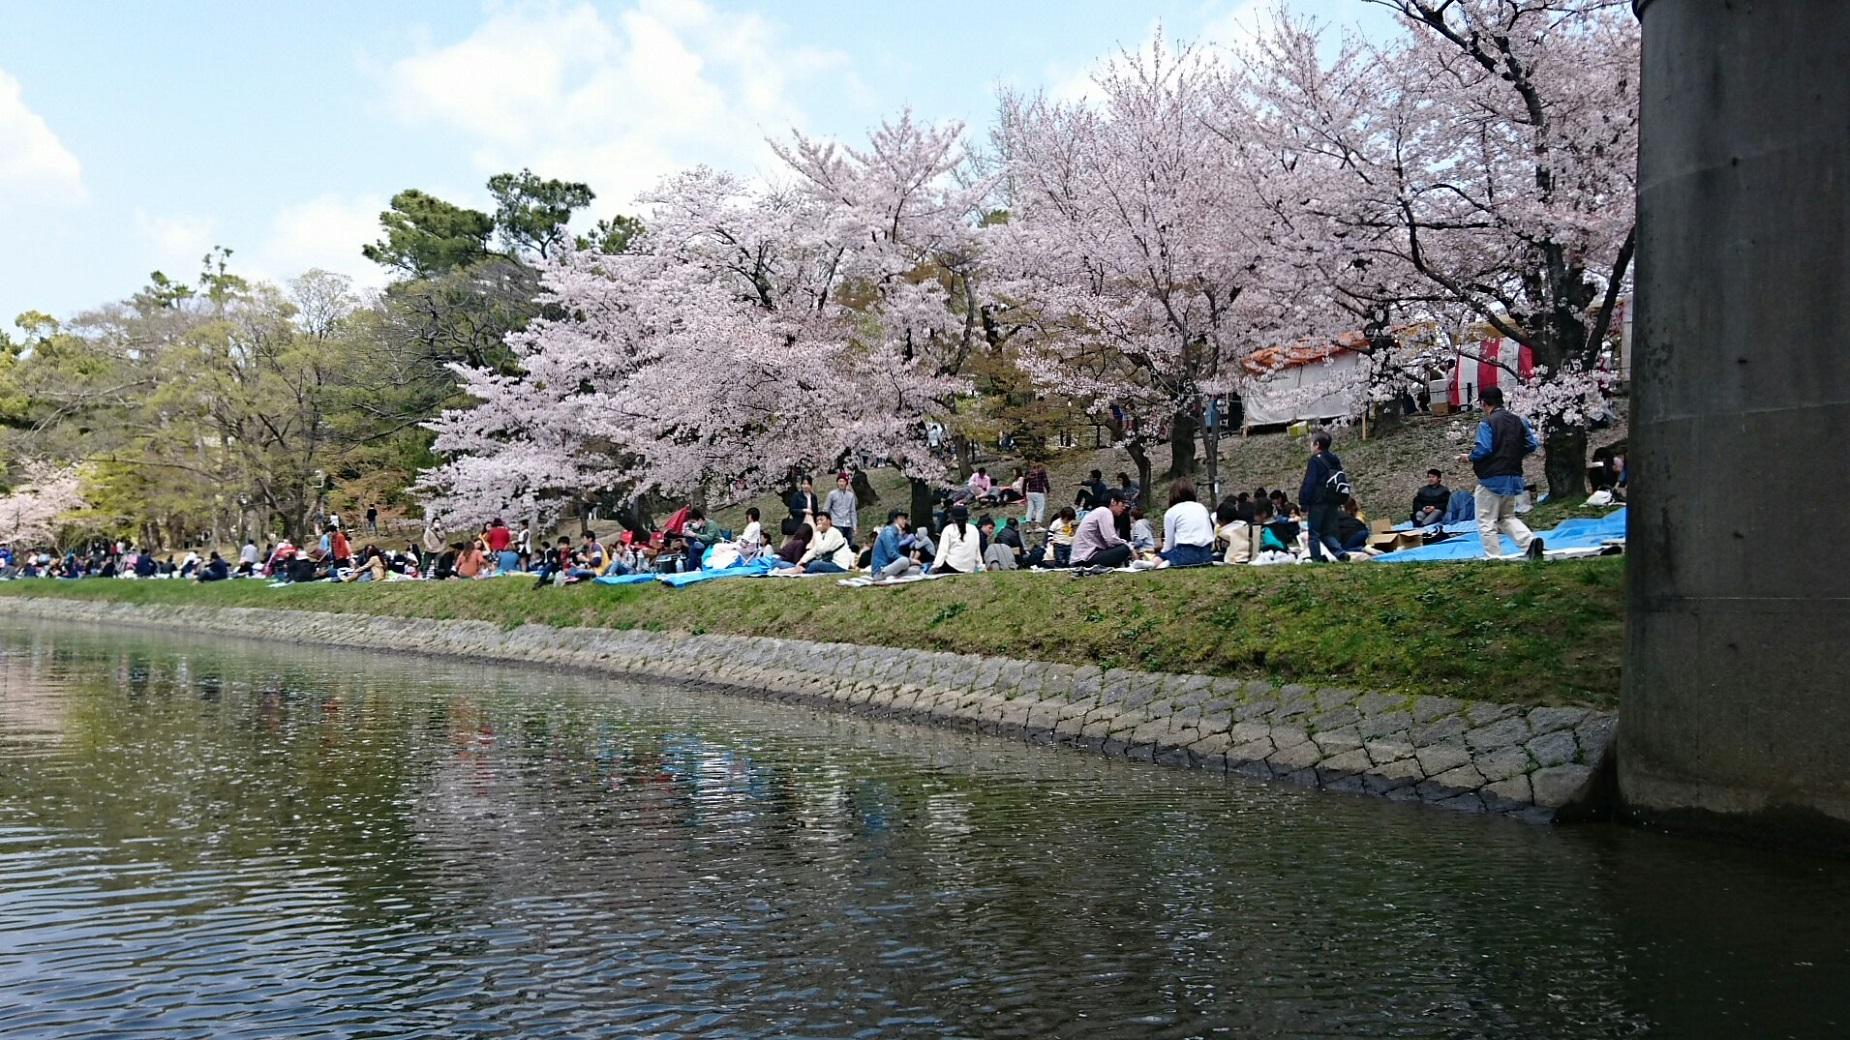 2018.3.31 岡崎ふなあそび (39) 伊賀川のぼり 1850-1040